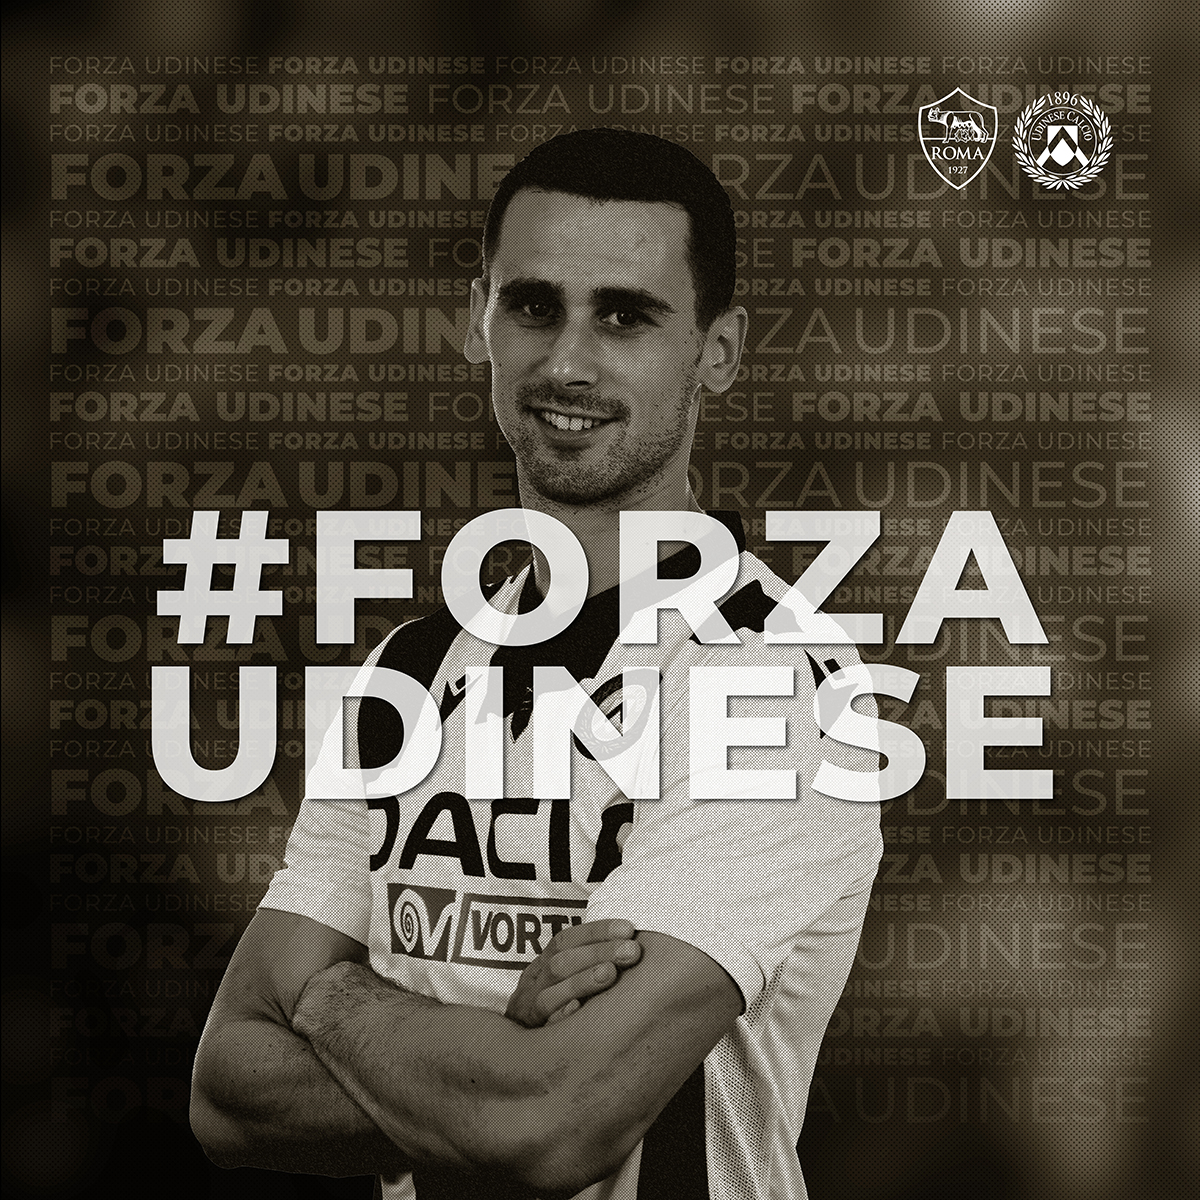 #RomaUdinese